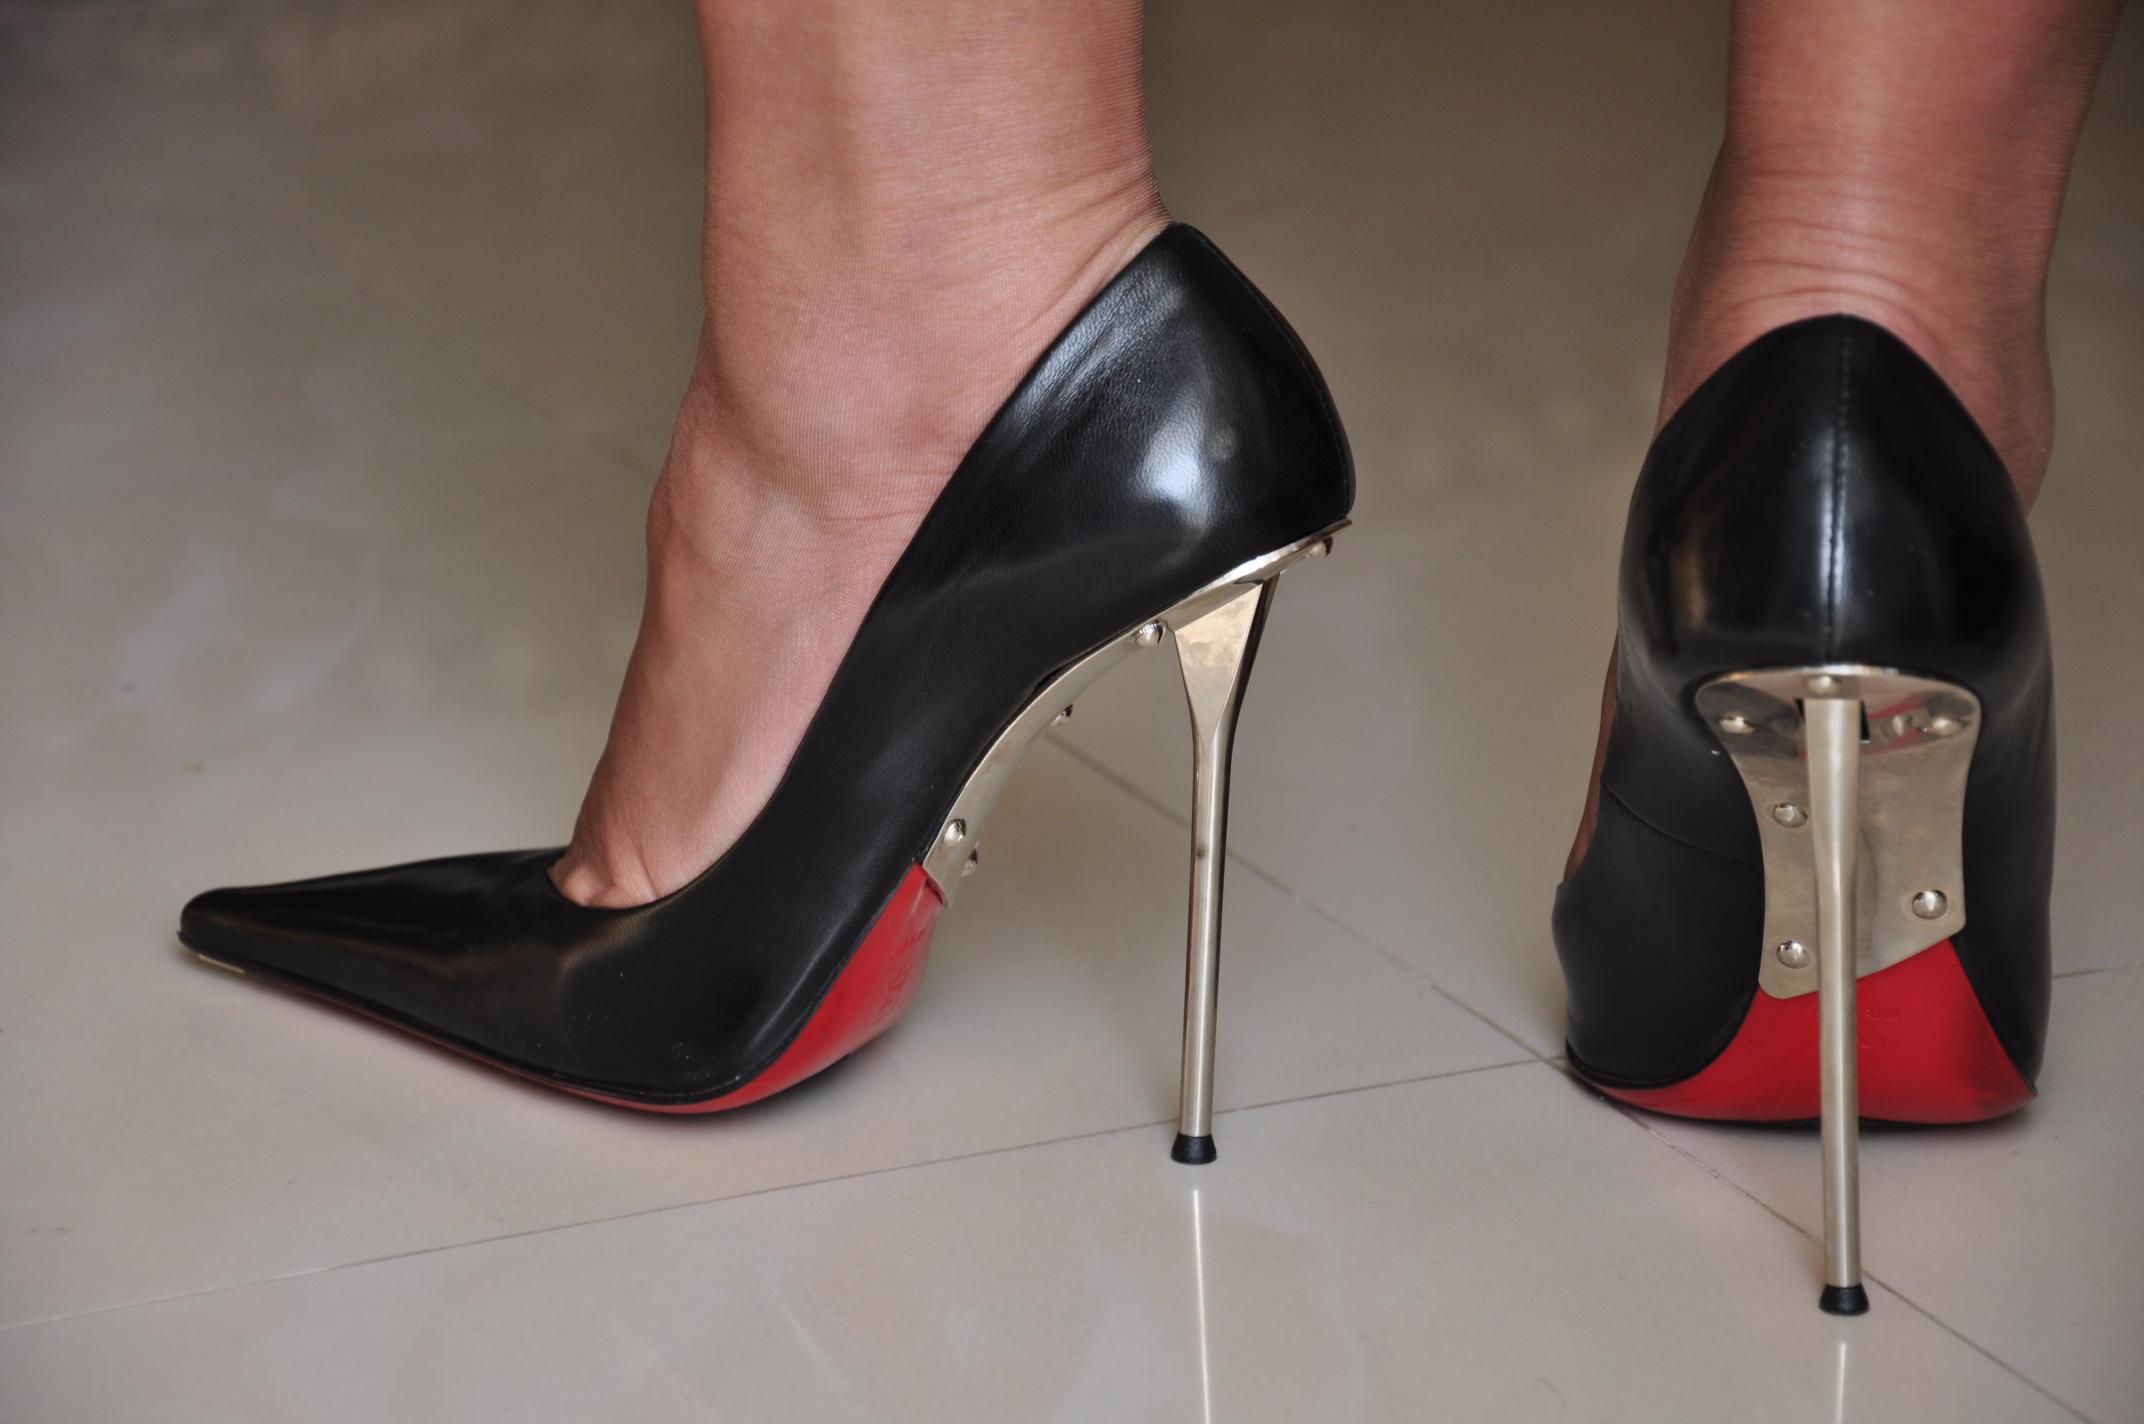 лишь милашкам наступить каблуками на руки раба смотрели